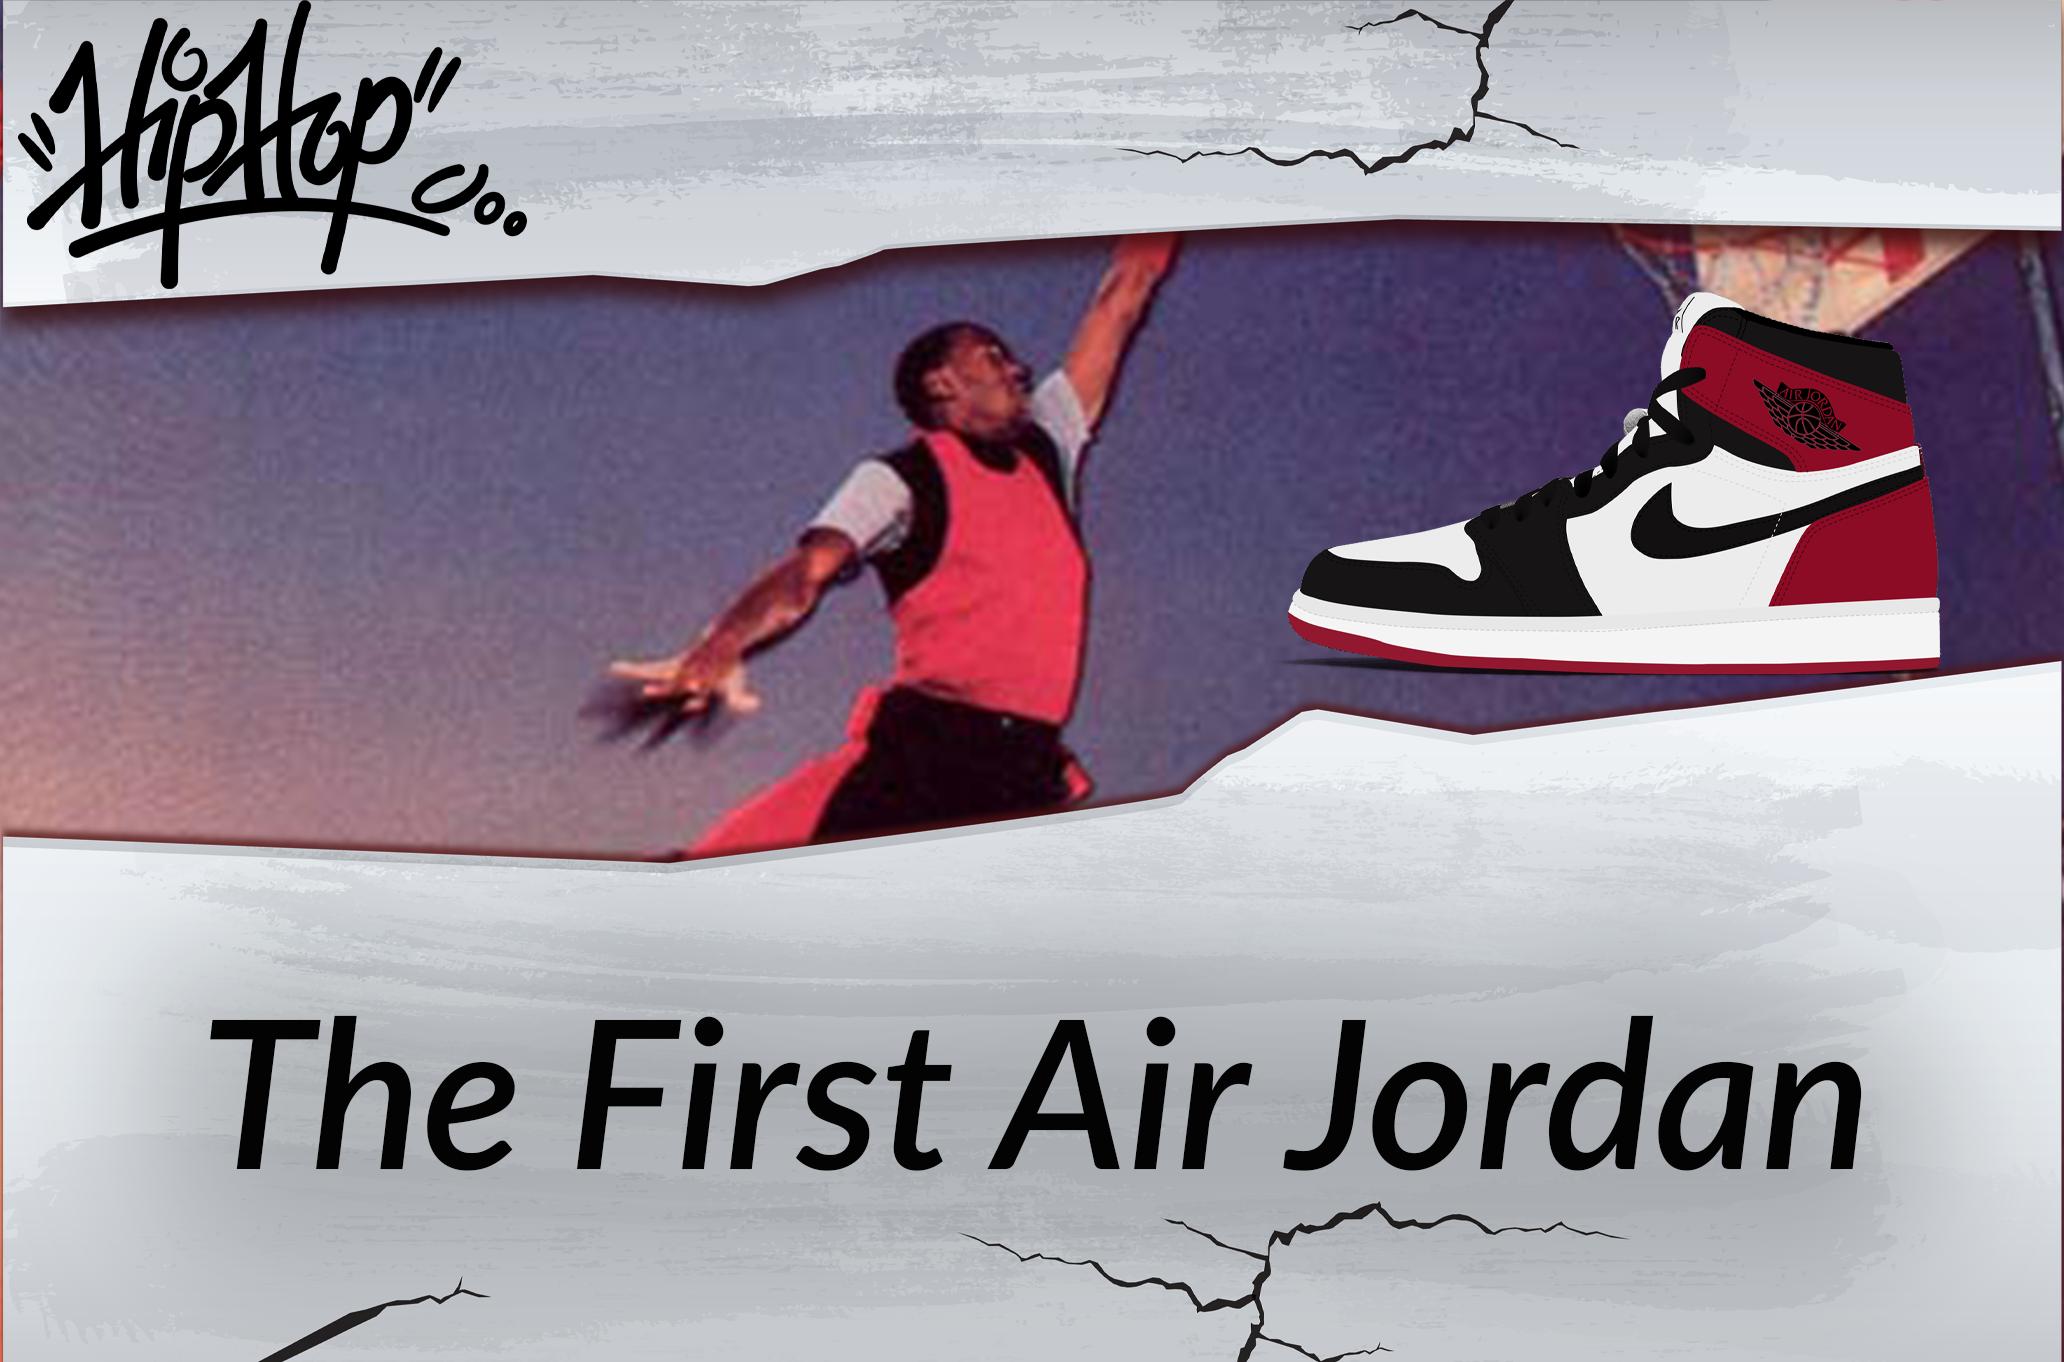 İlk Air Jordan'ın Hikayesi